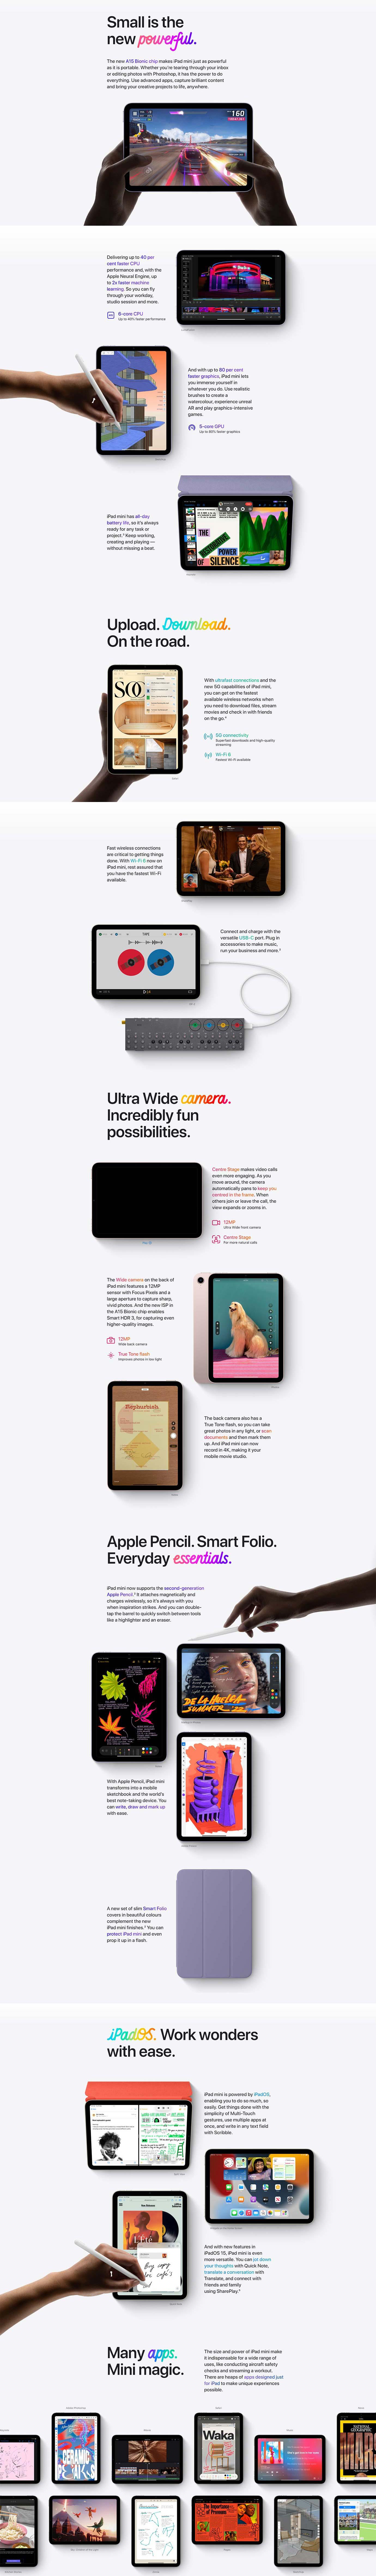 Apple iPad mini (6th Gen)